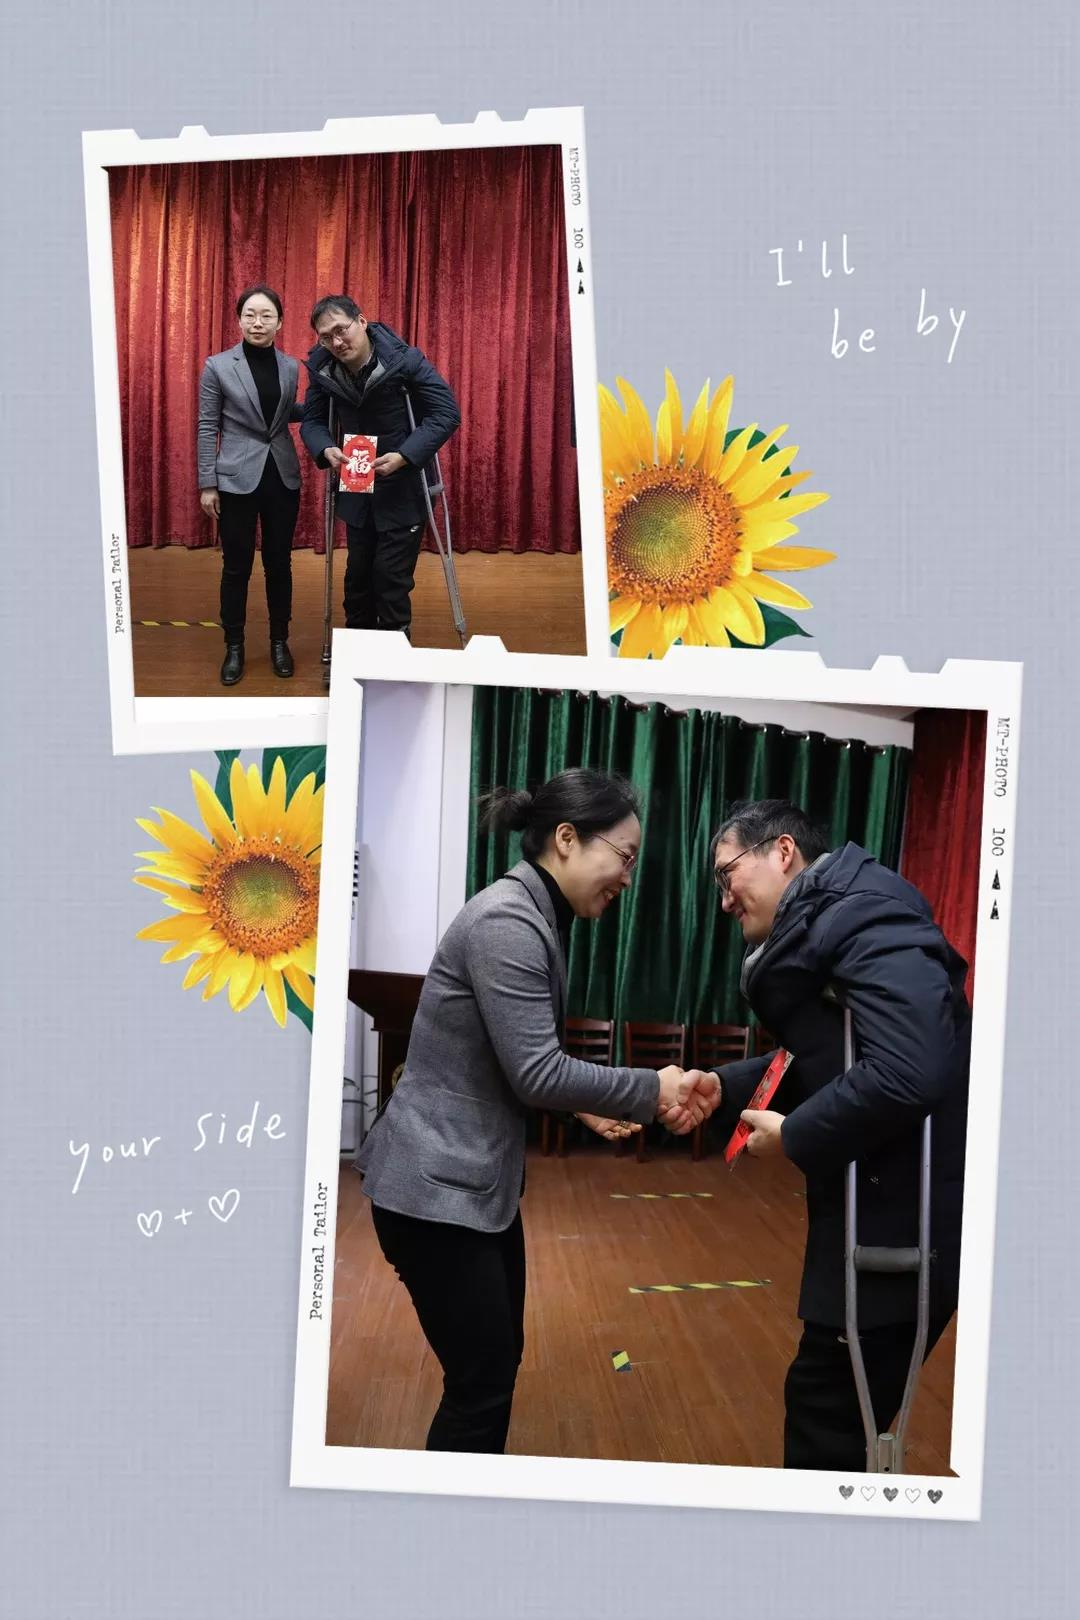 爱心助残 情暖人间-寅睿公司购买陈泉纯手工花灯捐赠给特校学生